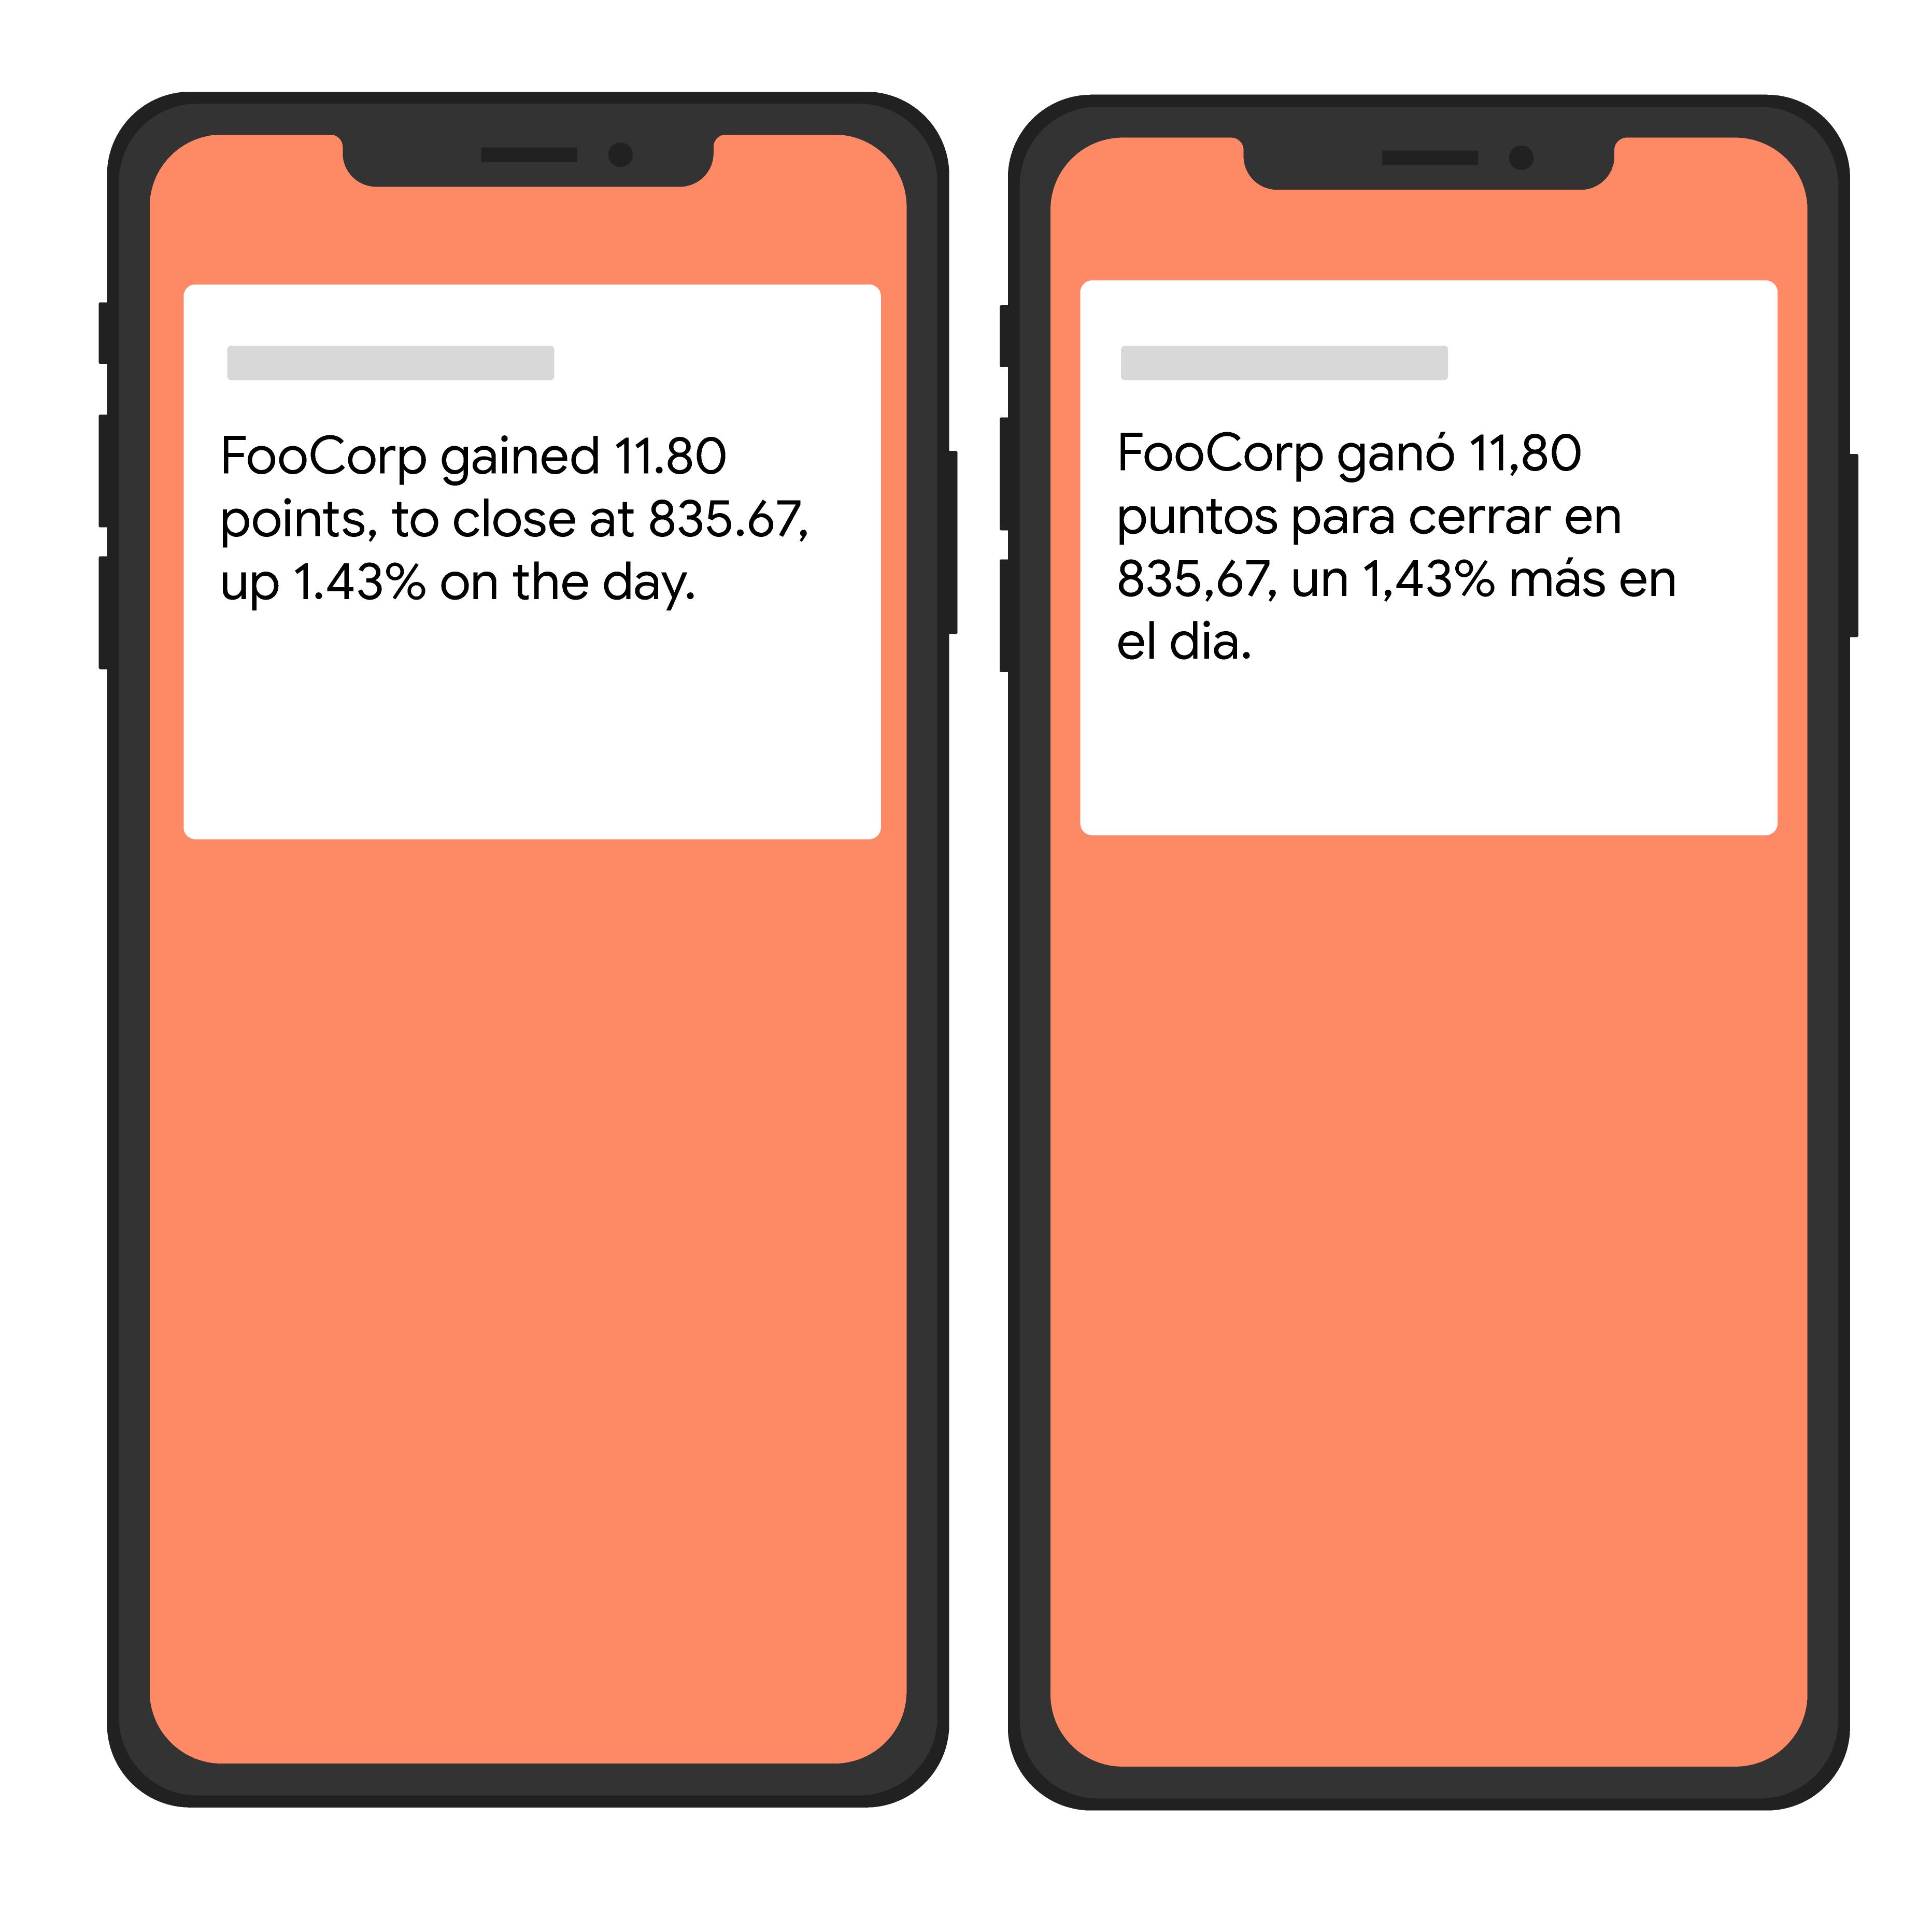 अंग्रेजी और स्पेनिश में पाठ प्रदर्शित करने वाले दो उपकरणों का सरल चित्र